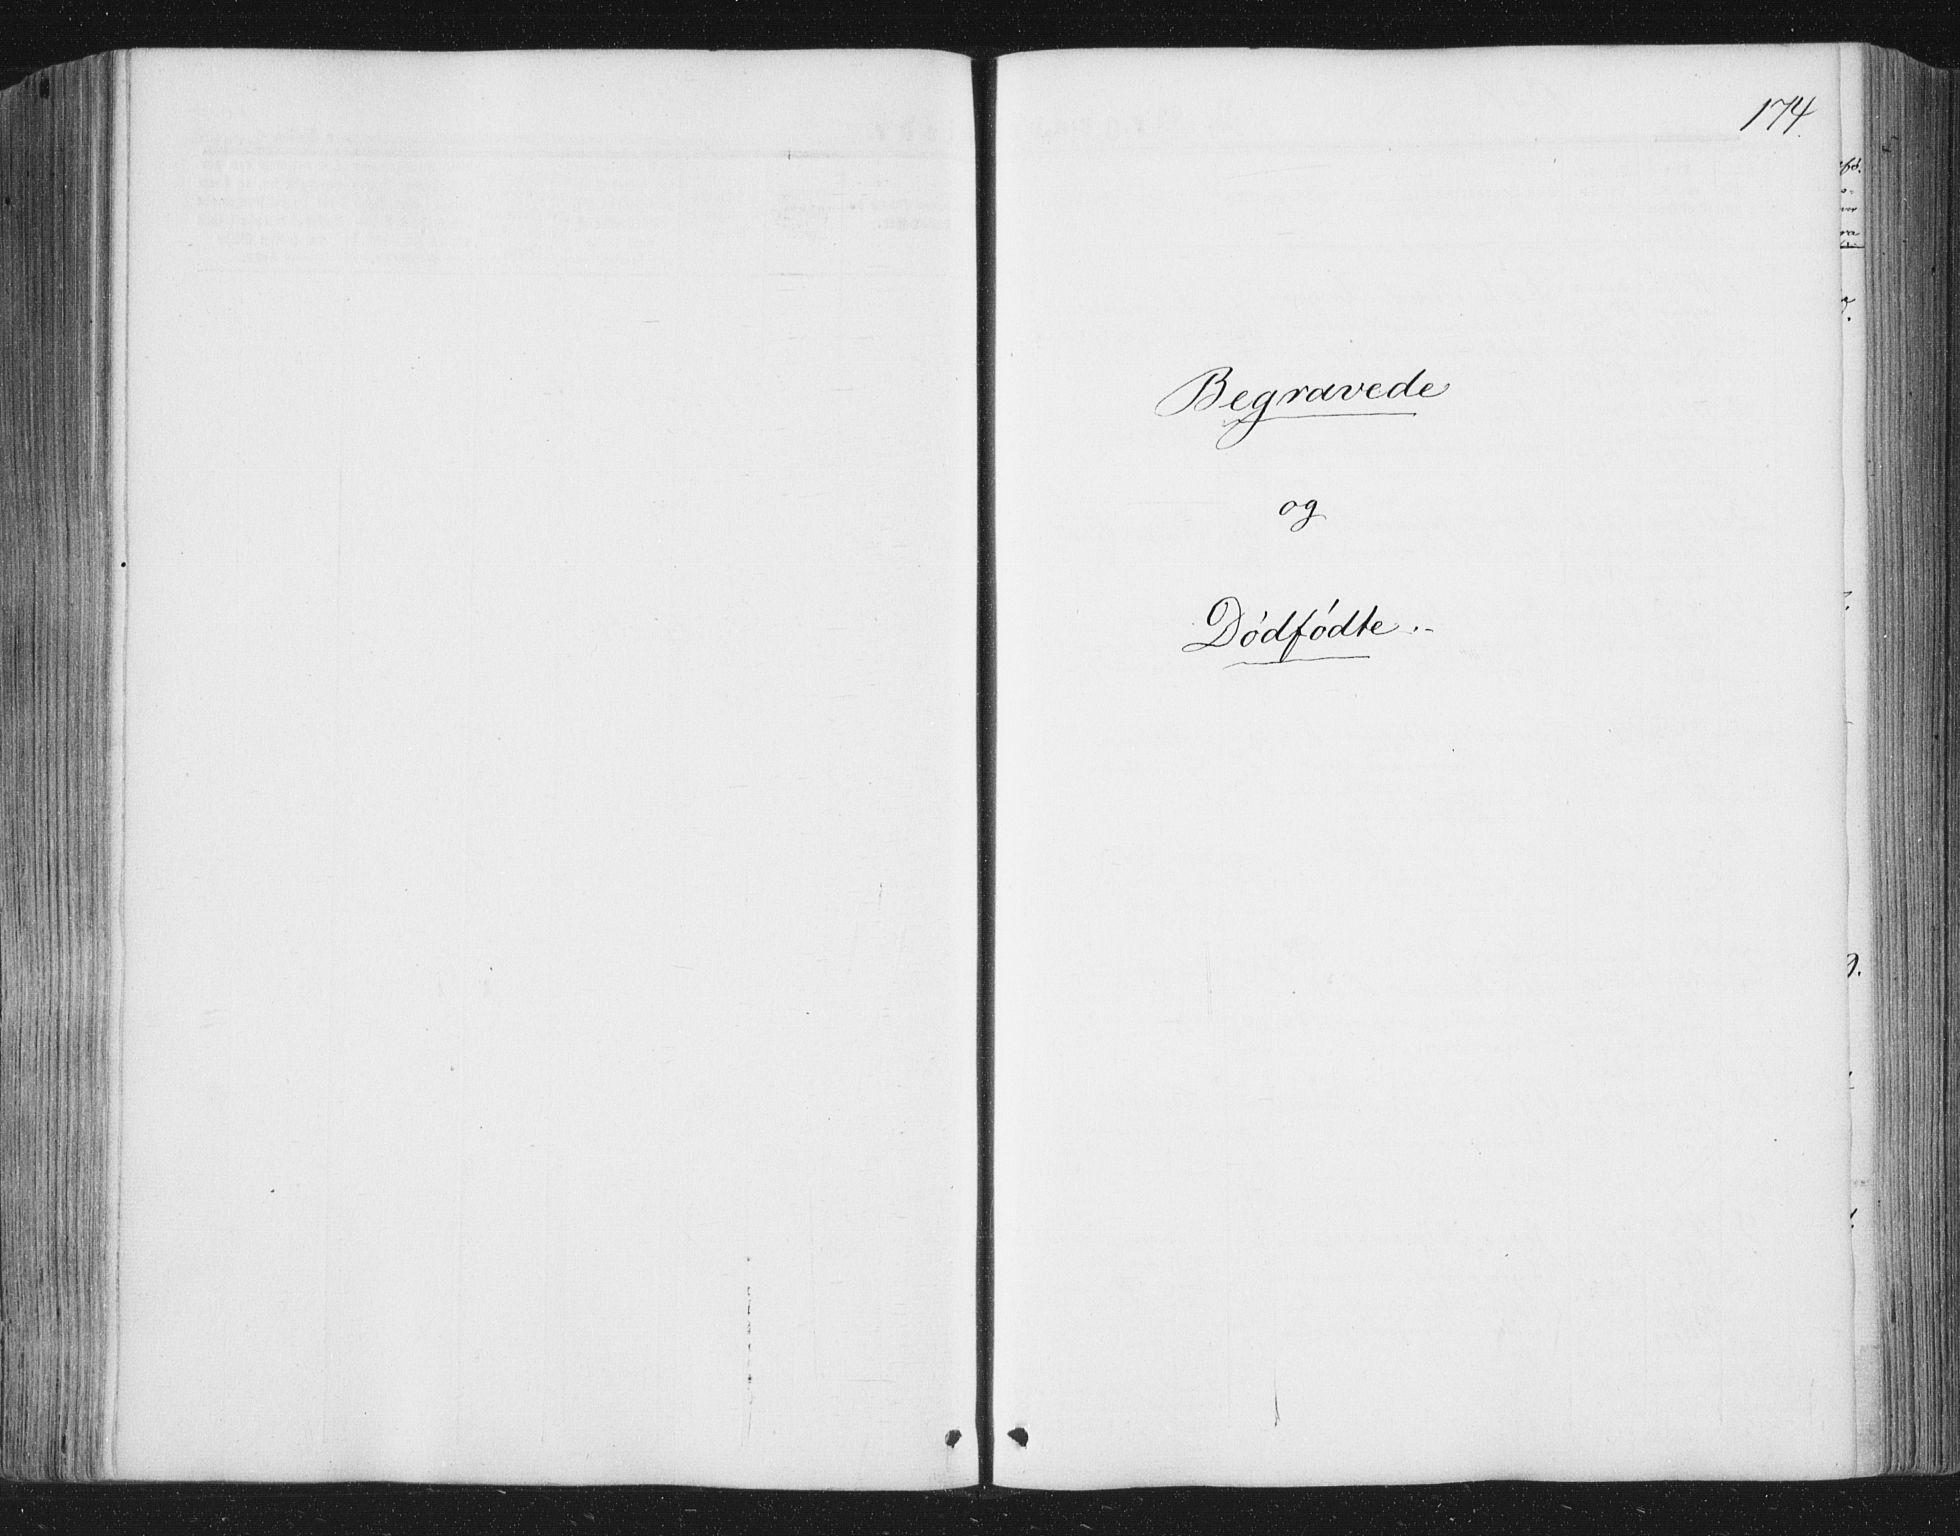 SAT, Ministerialprotokoller, klokkerbøker og fødselsregistre - Nord-Trøndelag, 749/L0472: Ministerialbok nr. 749A06, 1857-1873, s. 174